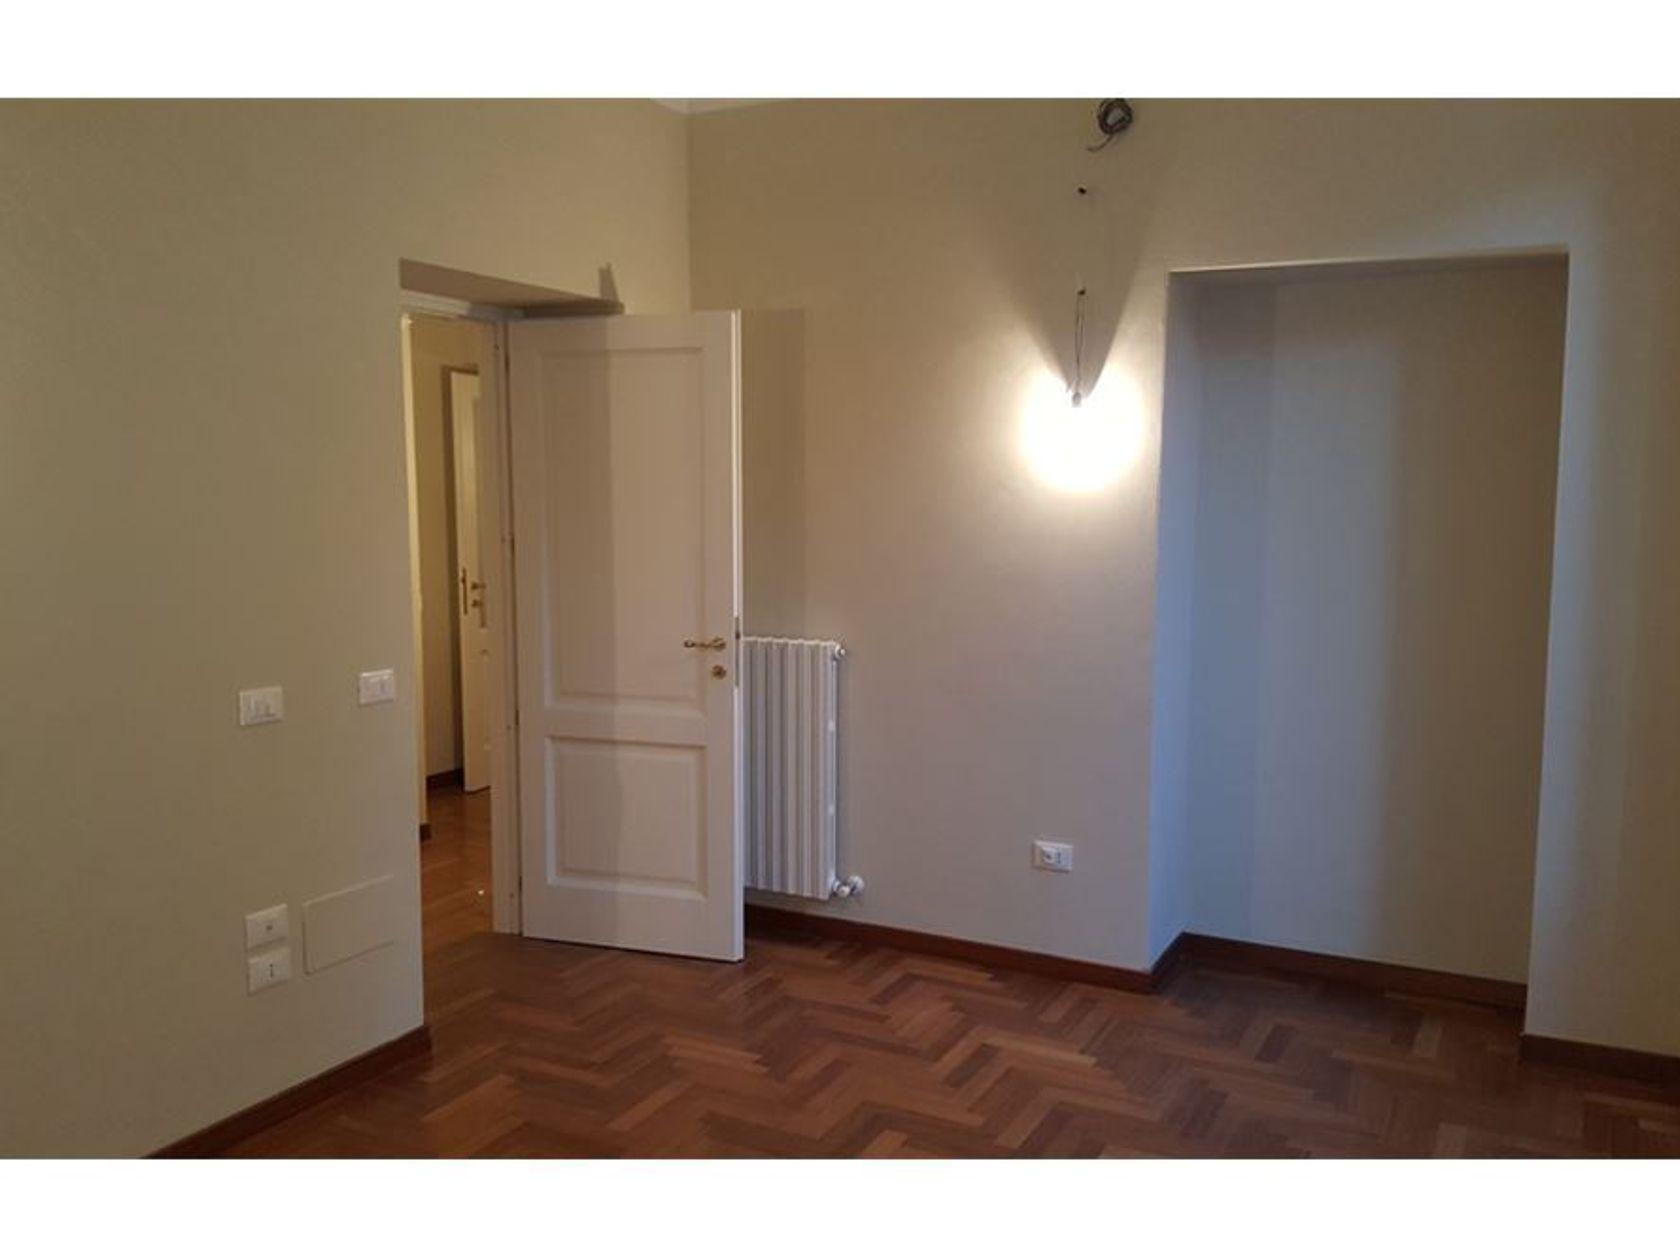 Appartamento Chieti, CH Affitto - Foto 20